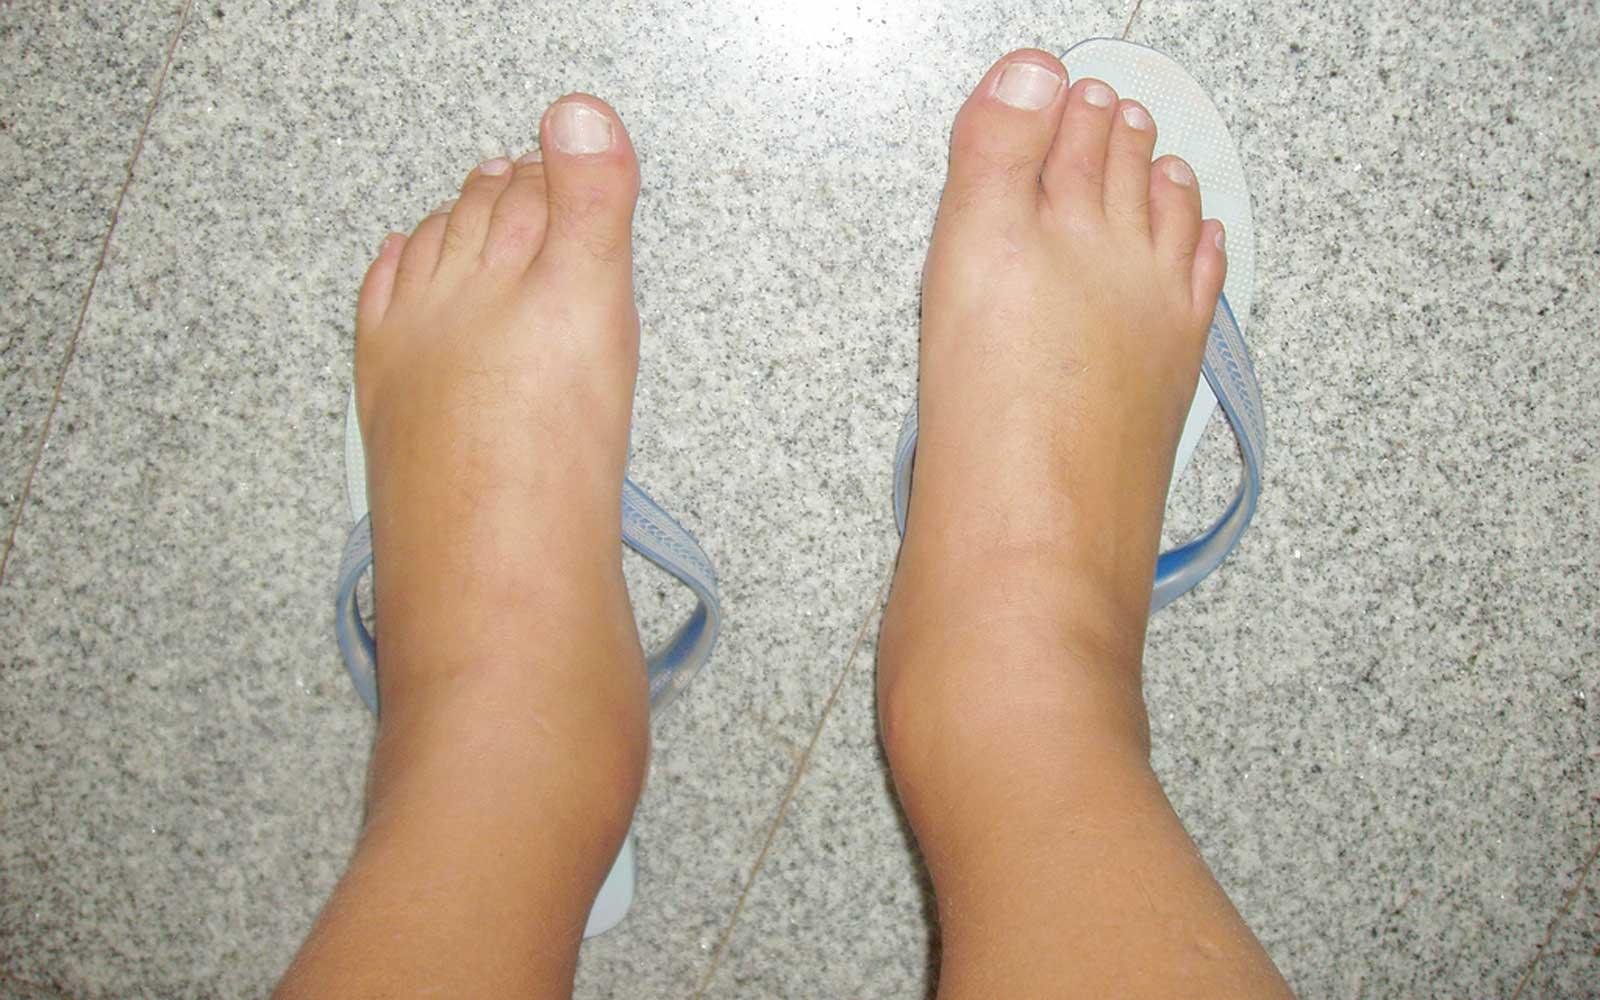 Caviglie gonfie: come sgonfiarle in pochi minuti e in modo naturale